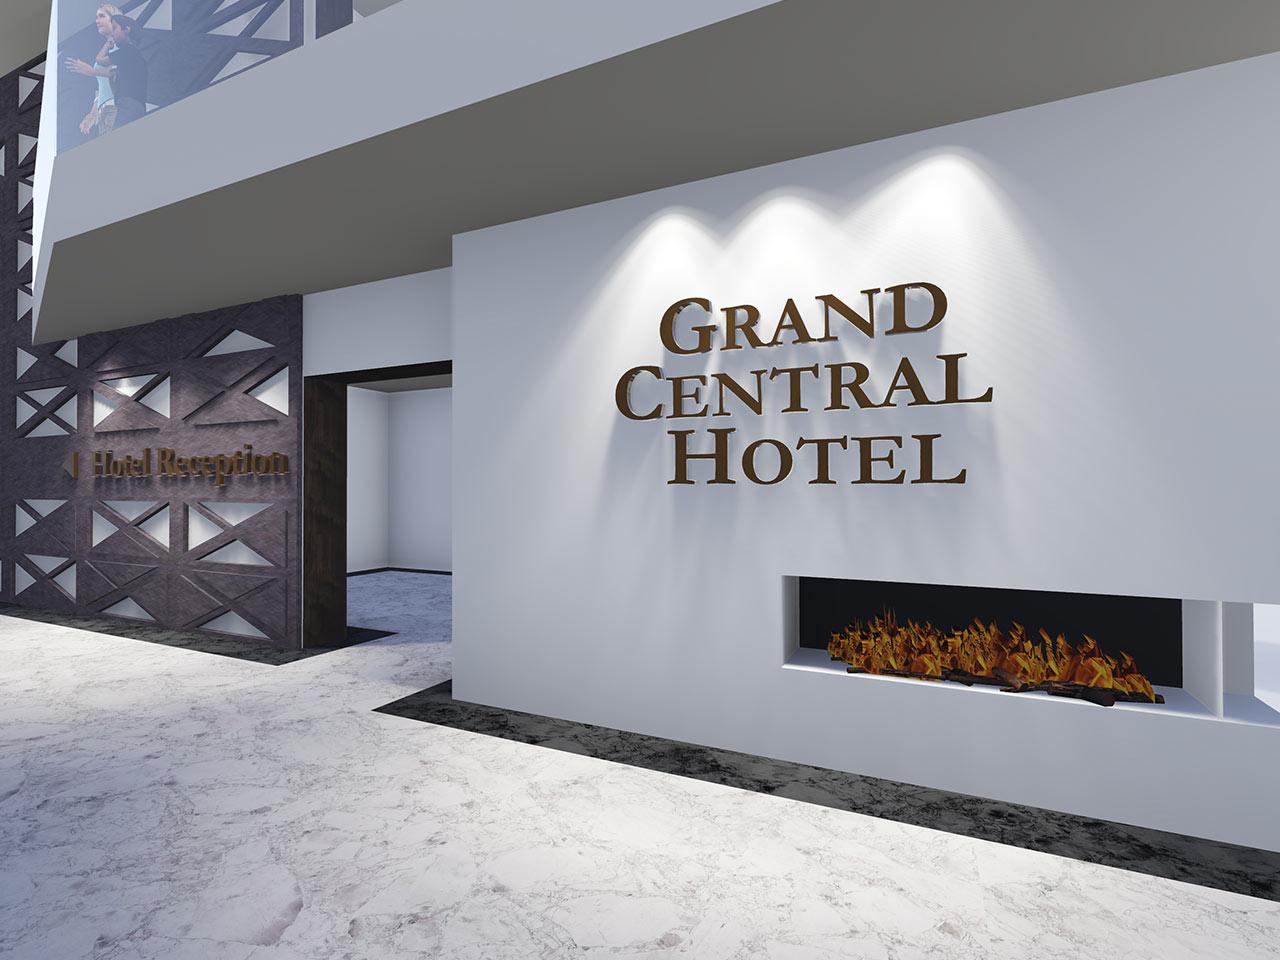 grand central hotel. Black Bedroom Furniture Sets. Home Design Ideas